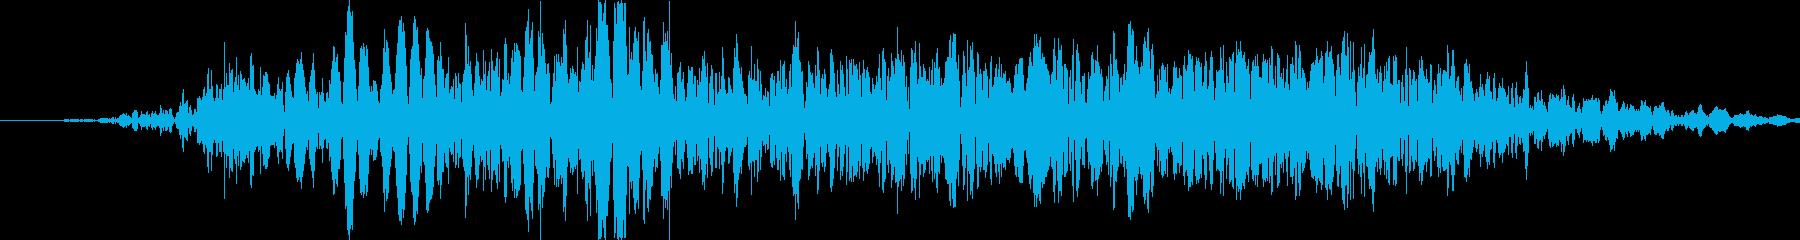 パンチやキックに重い打撃音!04Hの再生済みの波形